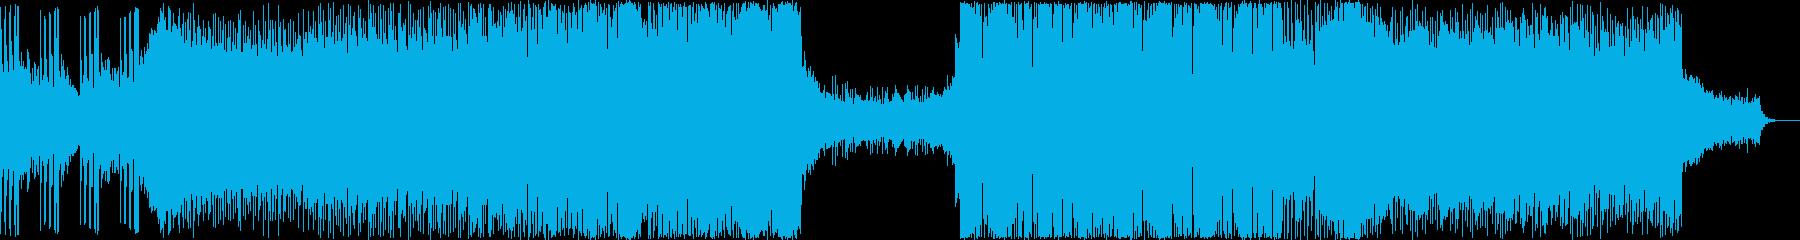 スピード感のあるエレクトロの再生済みの波形